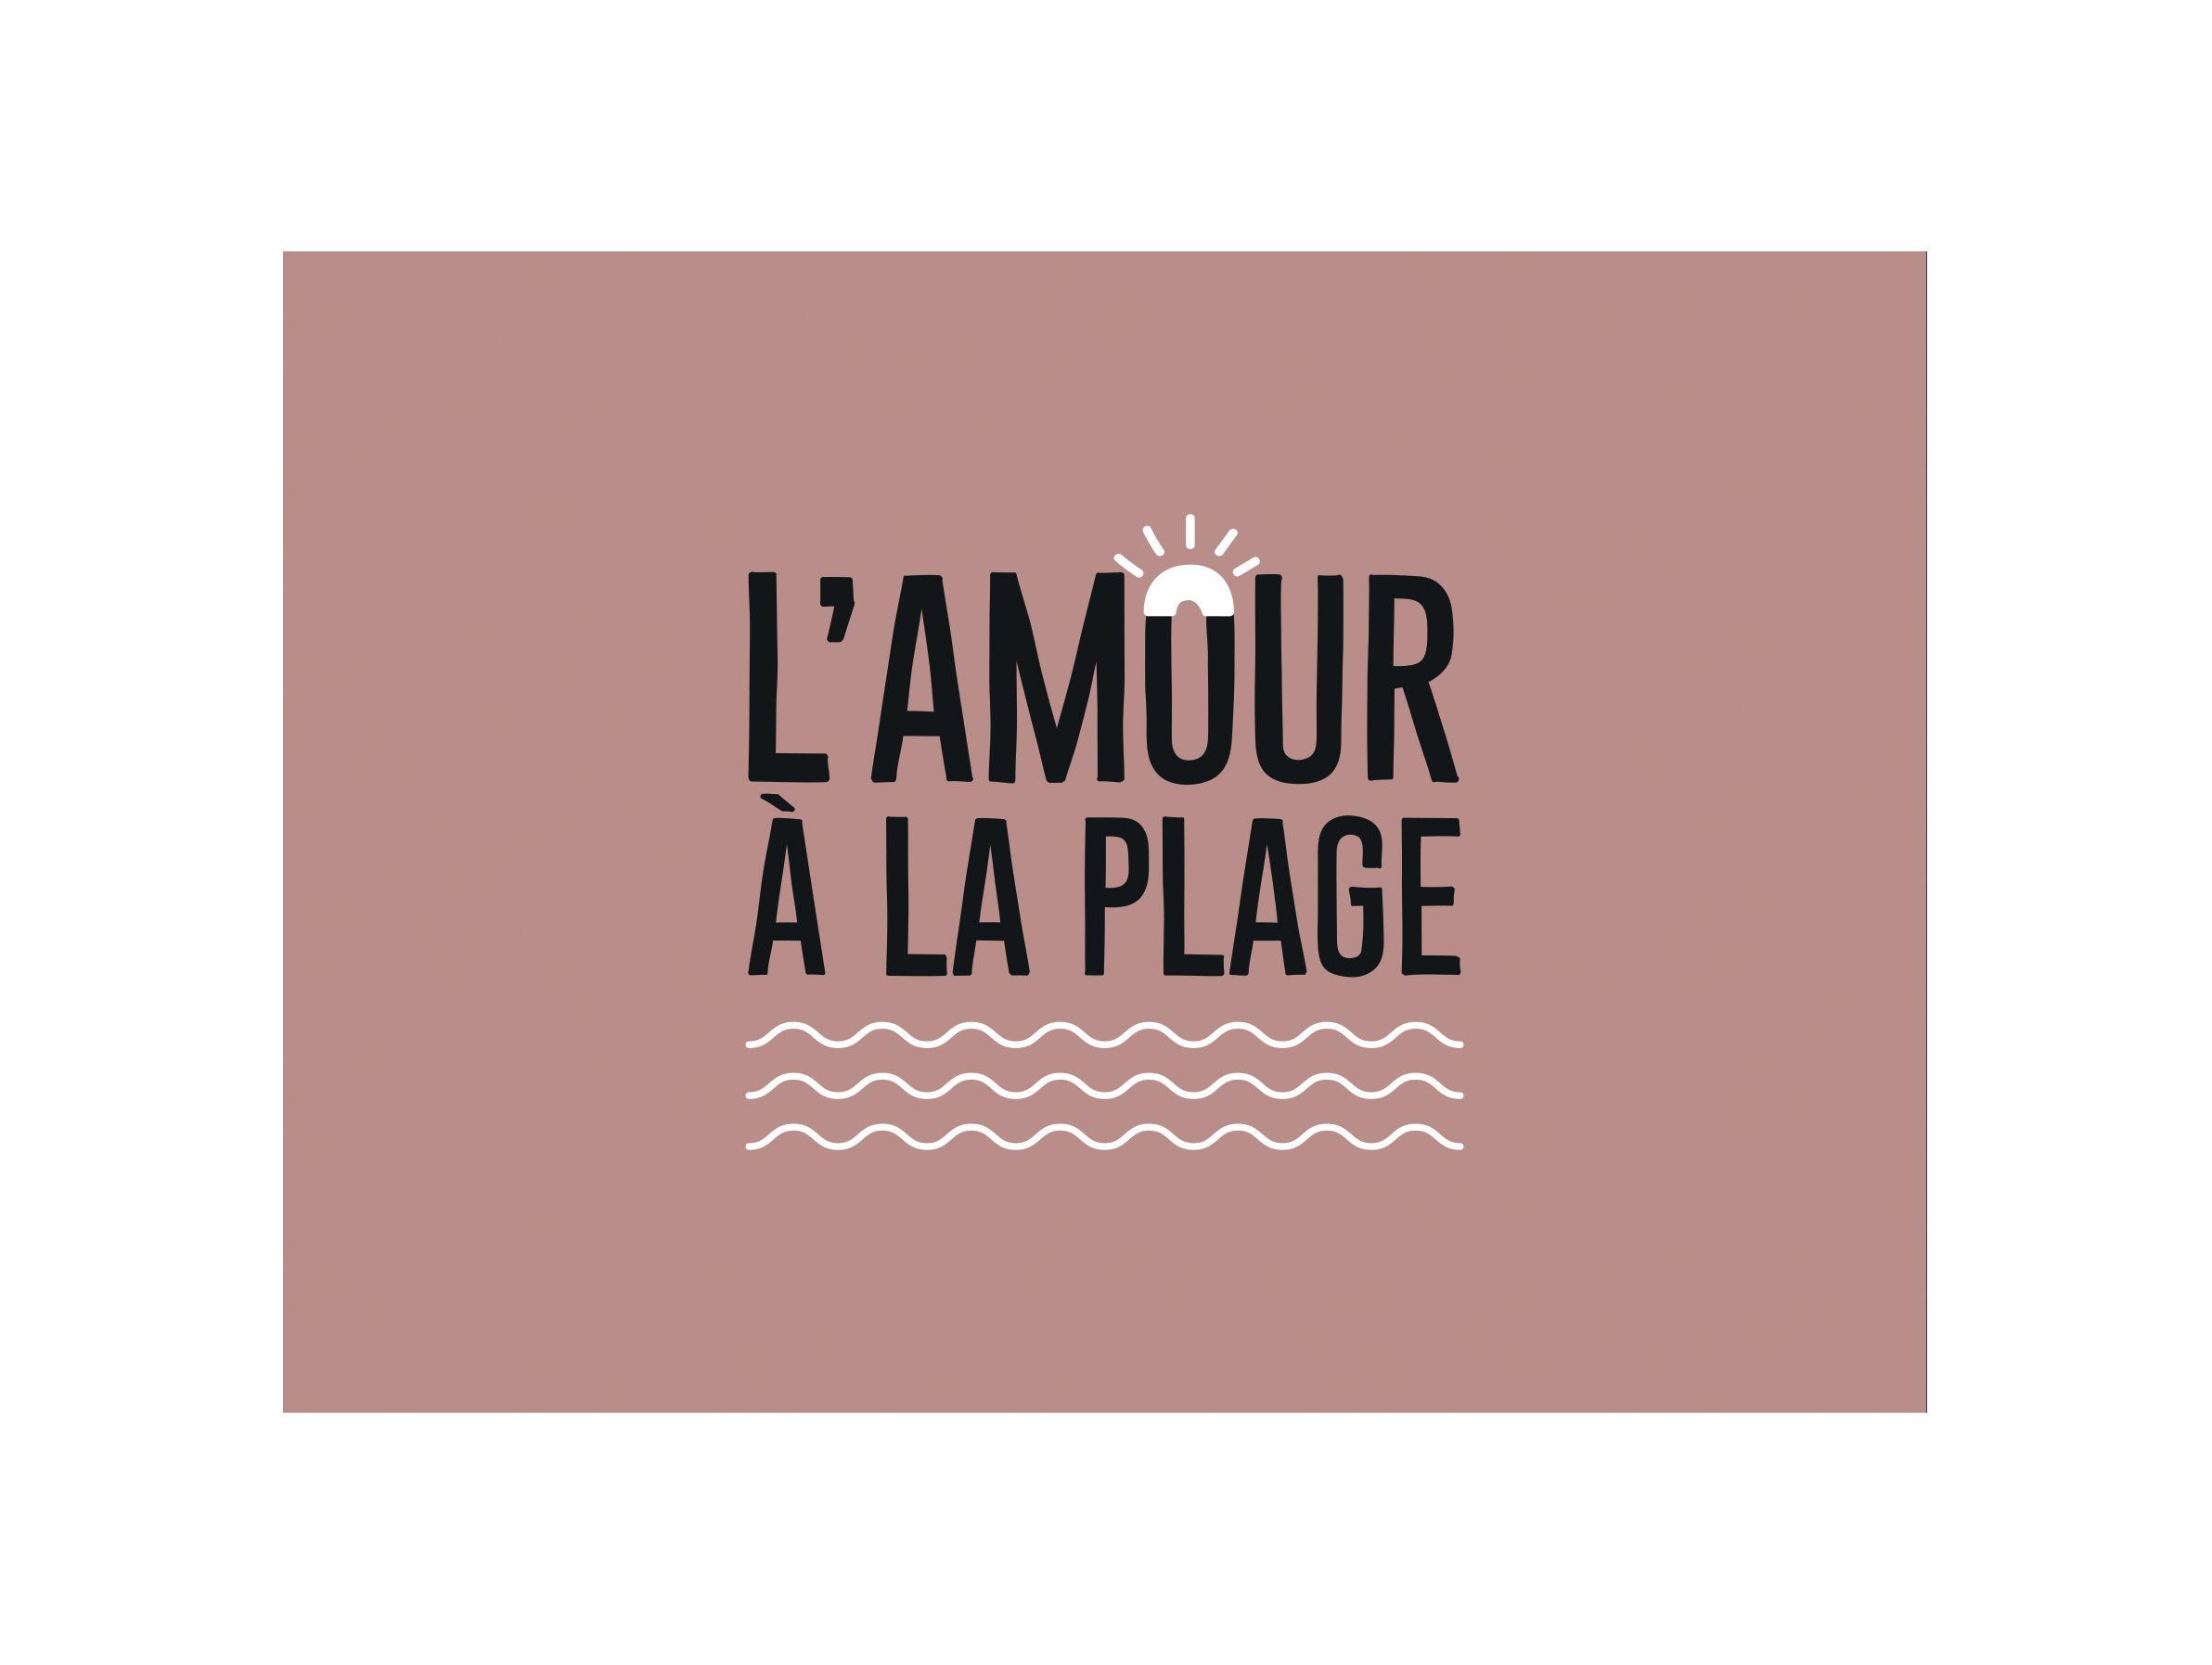 Tableware - Napkins & Tablecloths - Amour Placemat - / 35 x 49 cm - Vinyl by PÔDEVACHE - Turquoise - Vinal